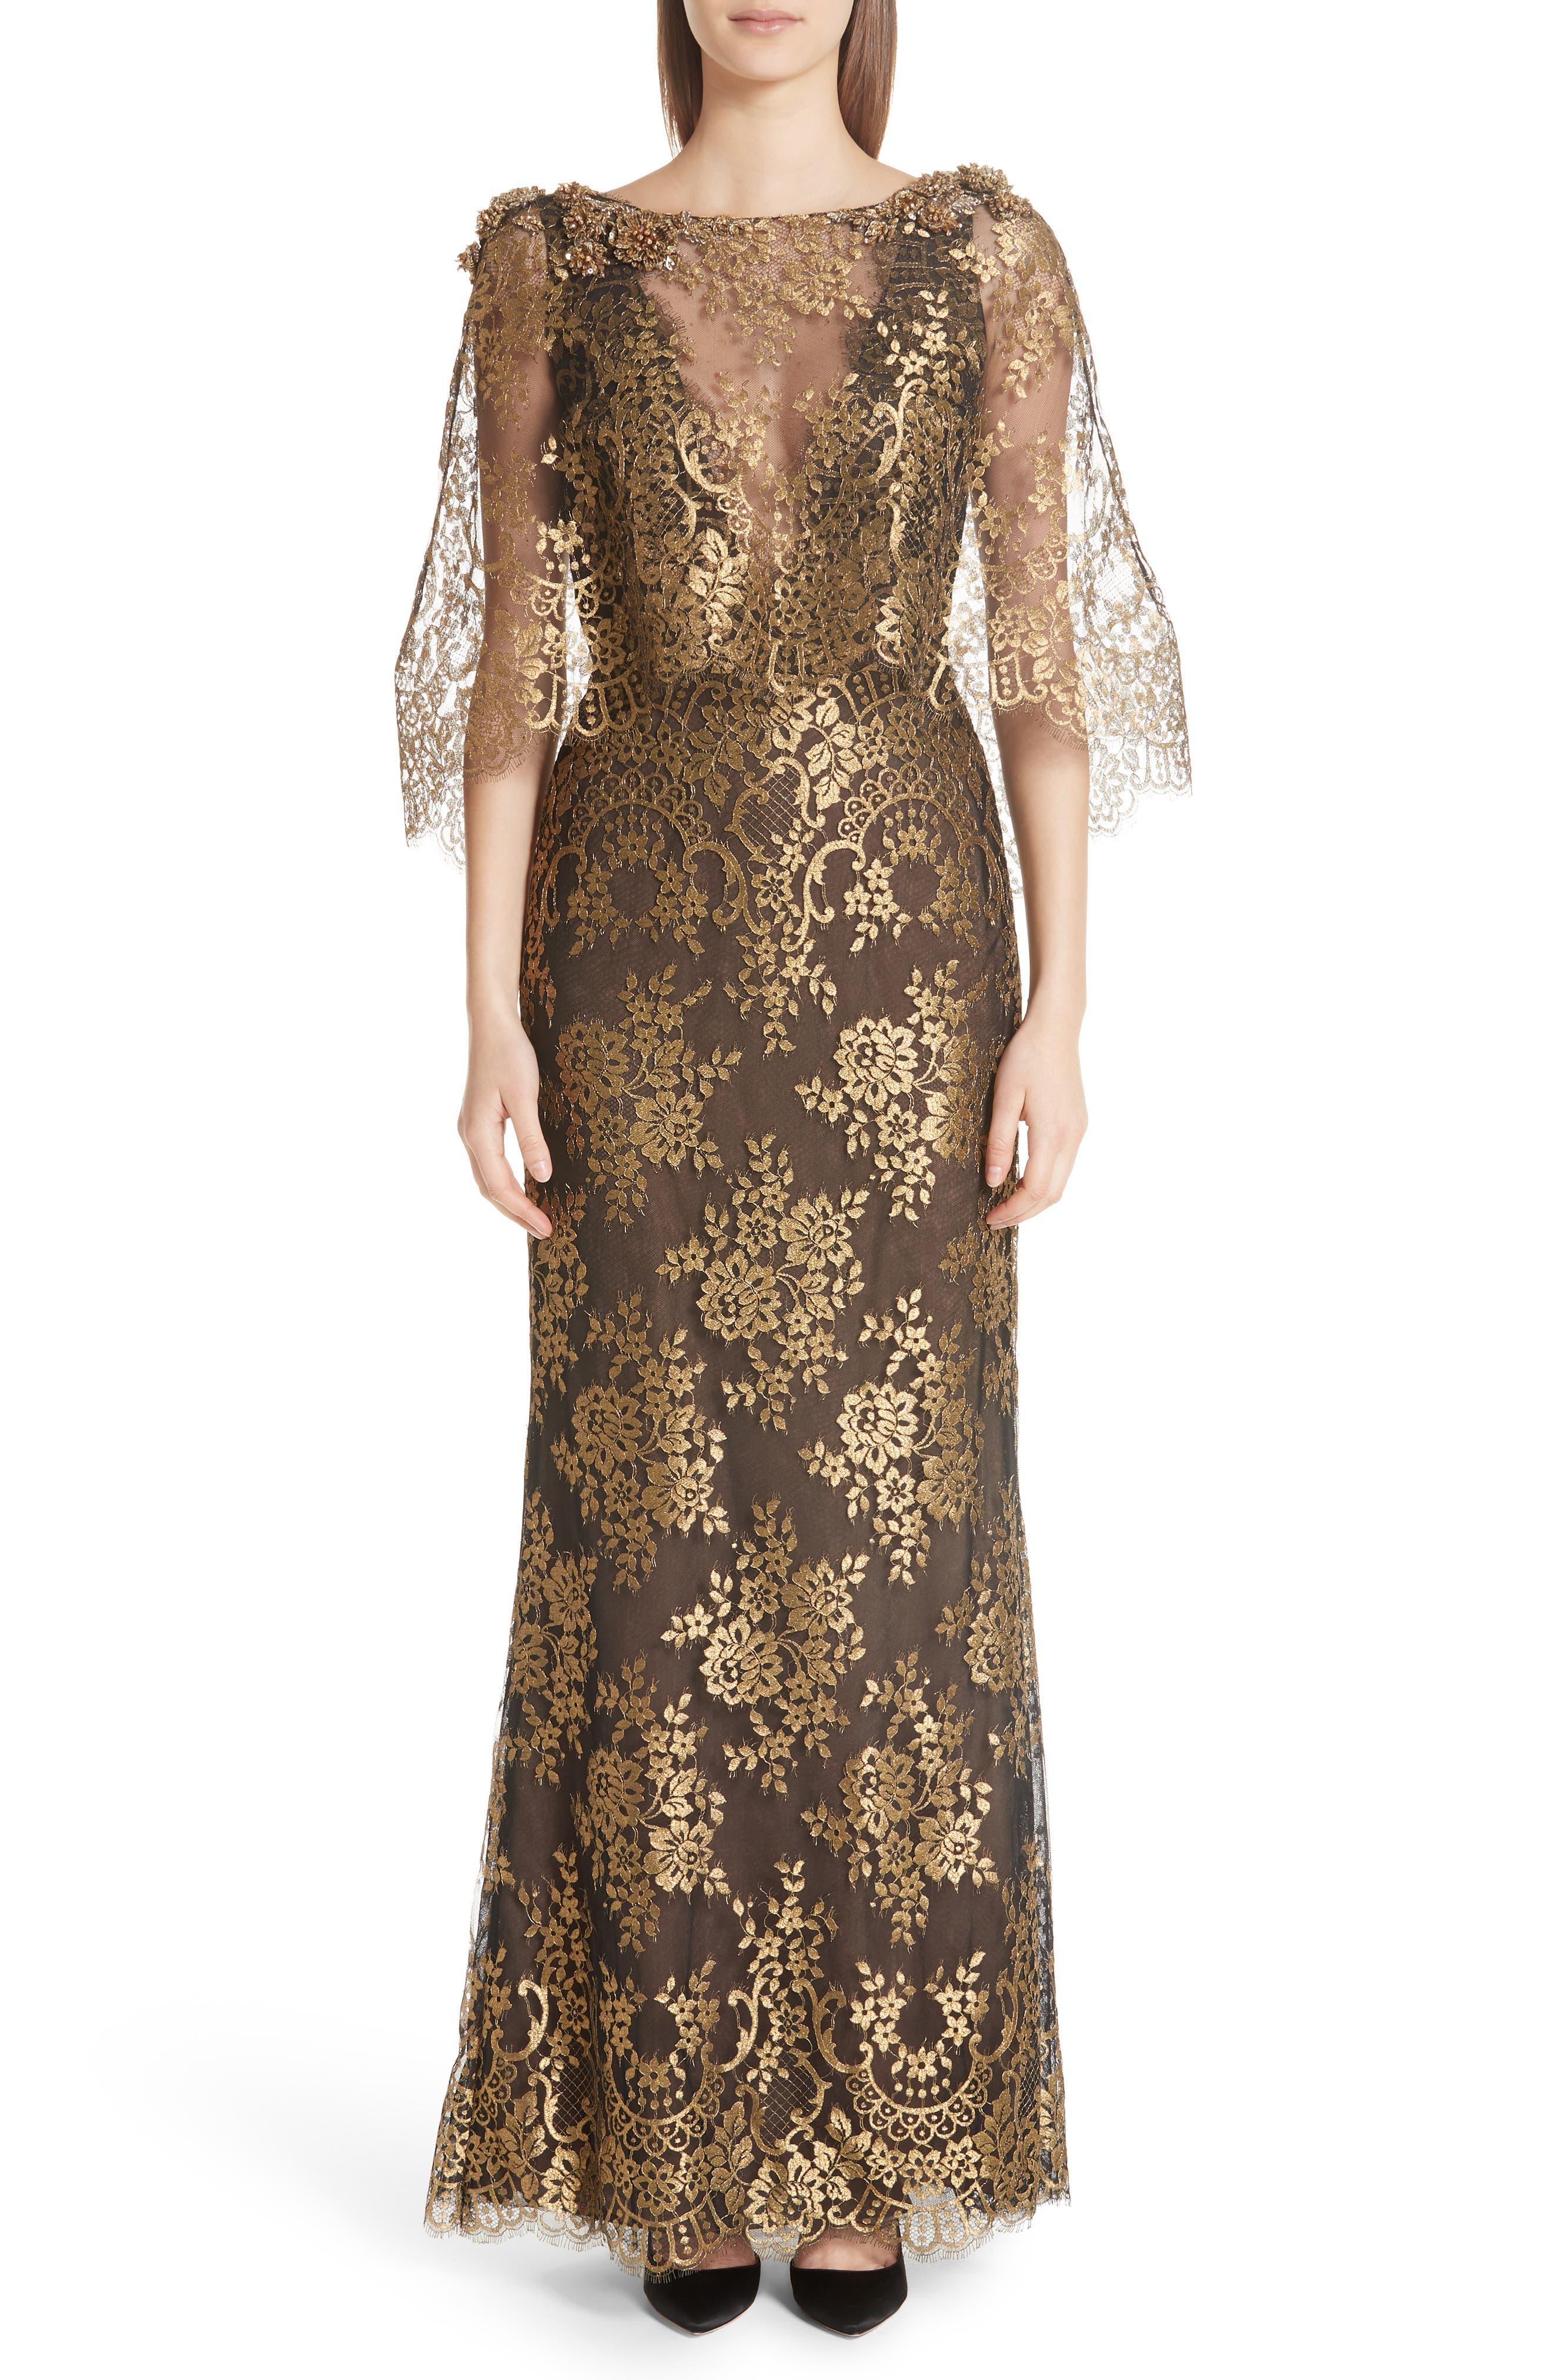 1900 Edwardian Dresses, Tea Party Dresses, White Lace Dresses Womens Marchesa Cape Detail Metallic Lace Gown Size 14 - Black $2,996.98 AT vintagedancer.com